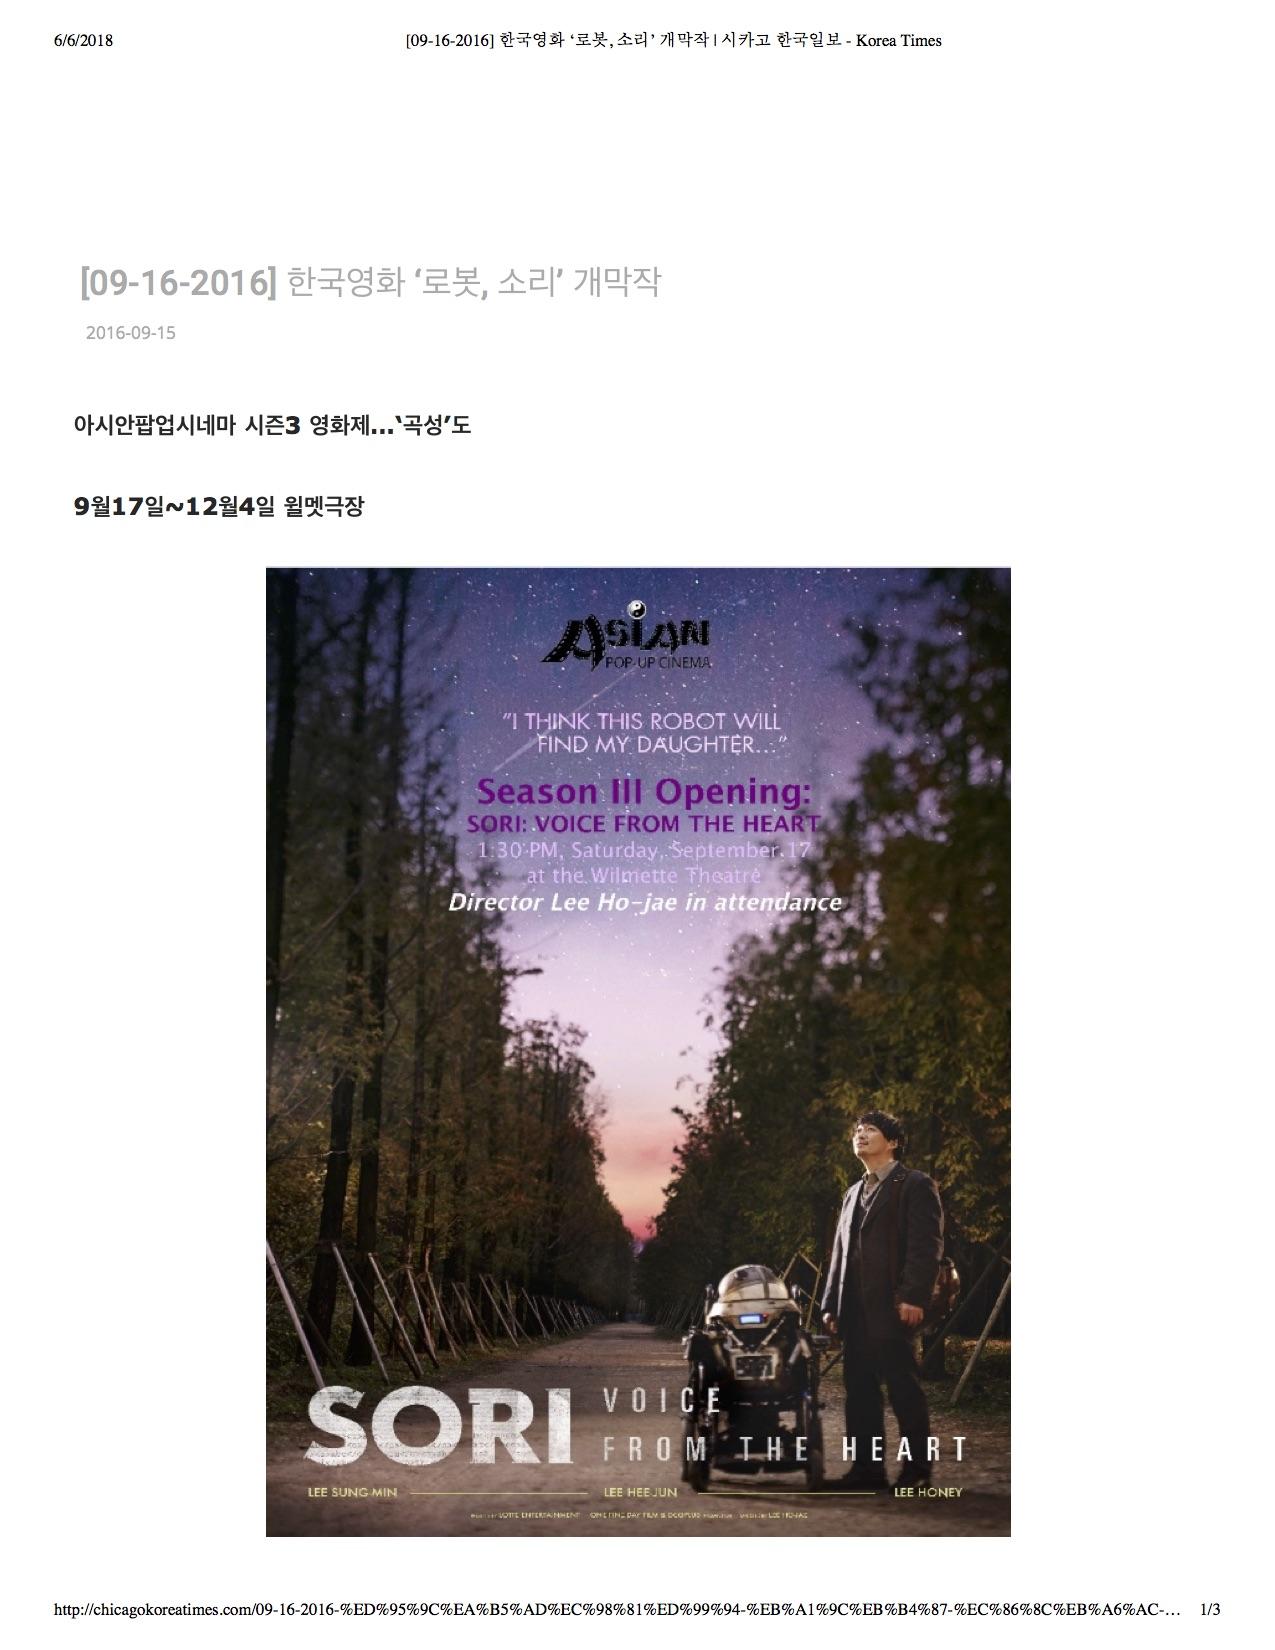 1[09-16-2016] 한국영화 '로봇, 소리' 개막작 _ 시카고 한국일보 - Korea Times.jpg